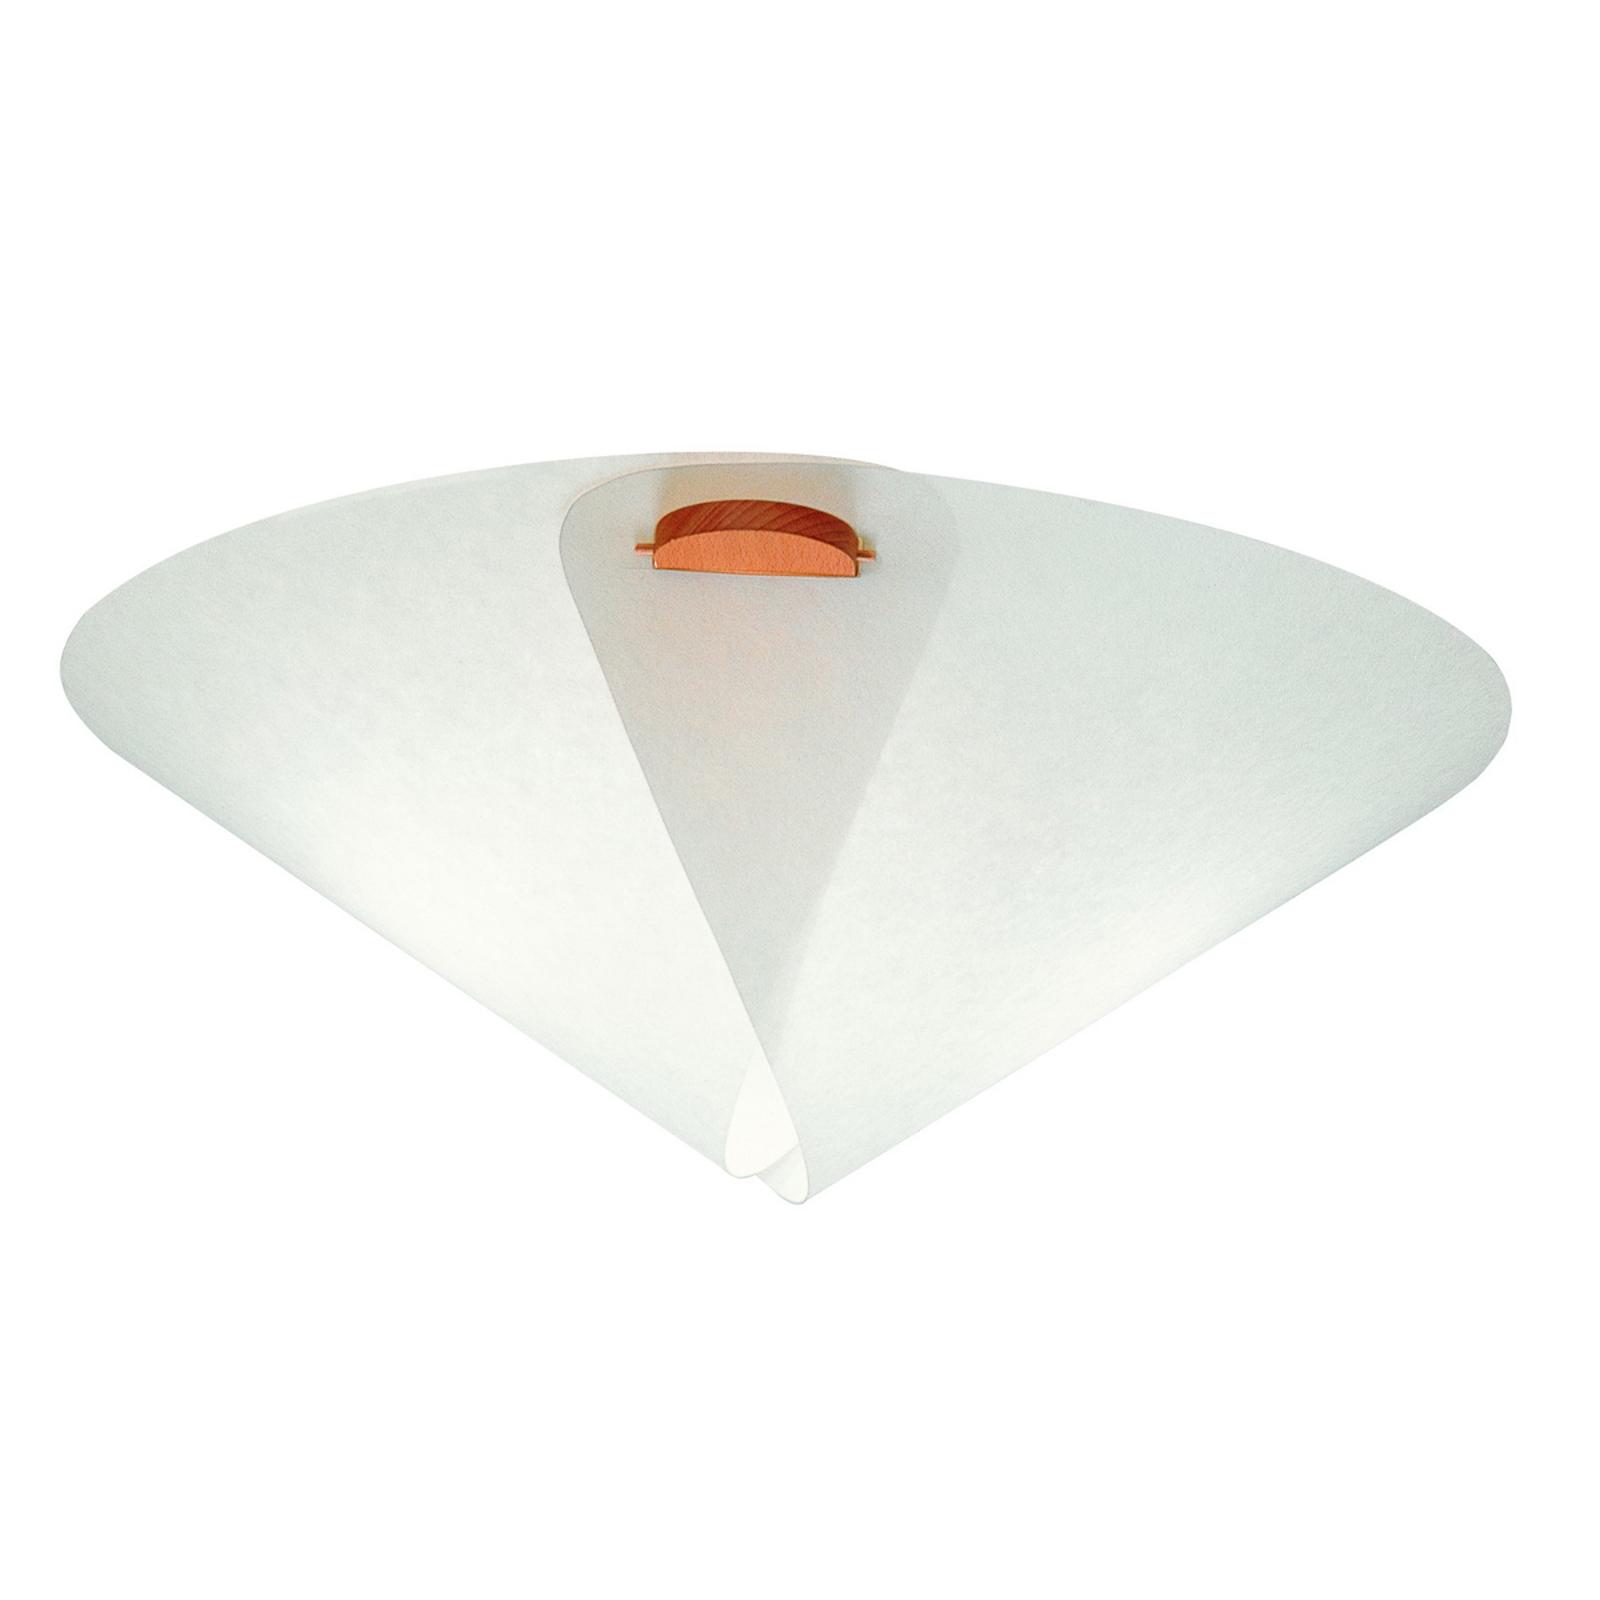 Sencilla lámpara de techo IRIS de Domus